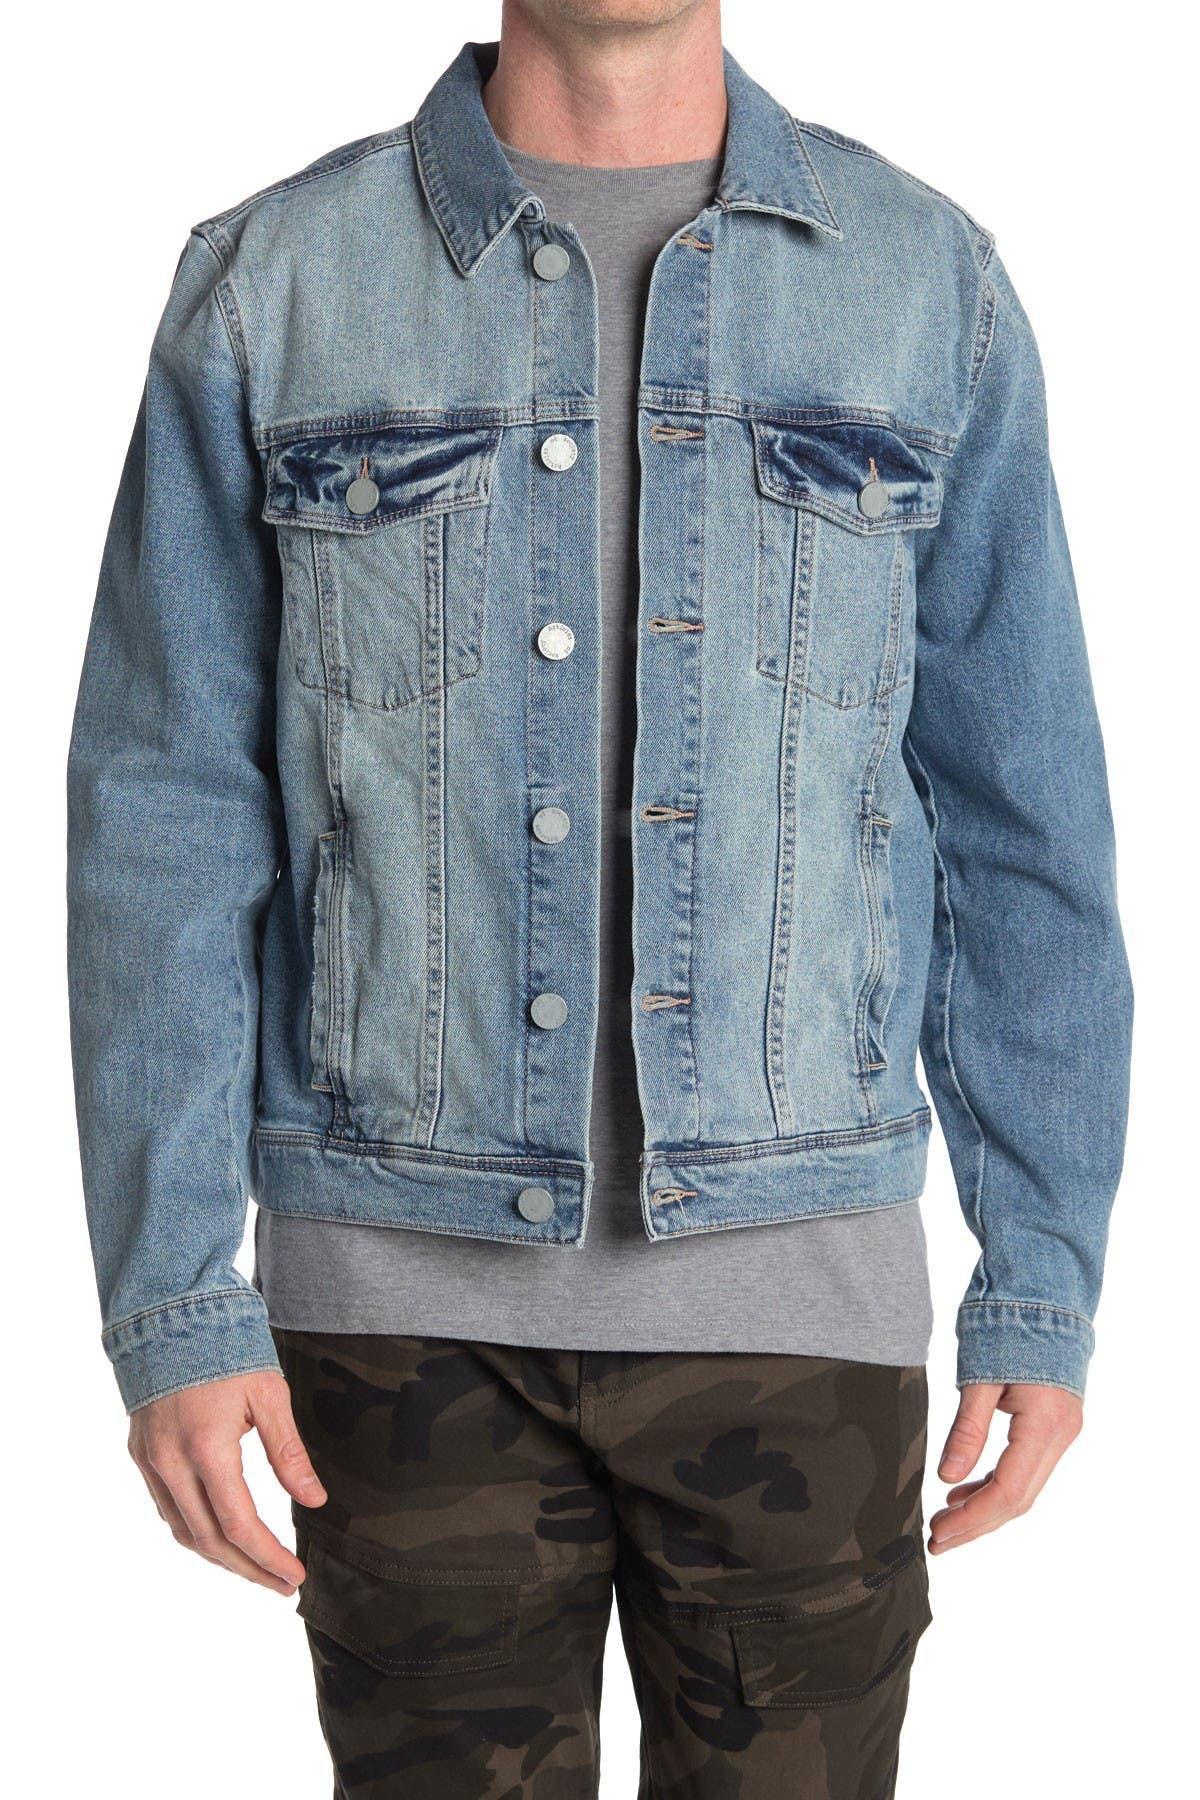 Image of Articles of Society Jackson Denim Jacket